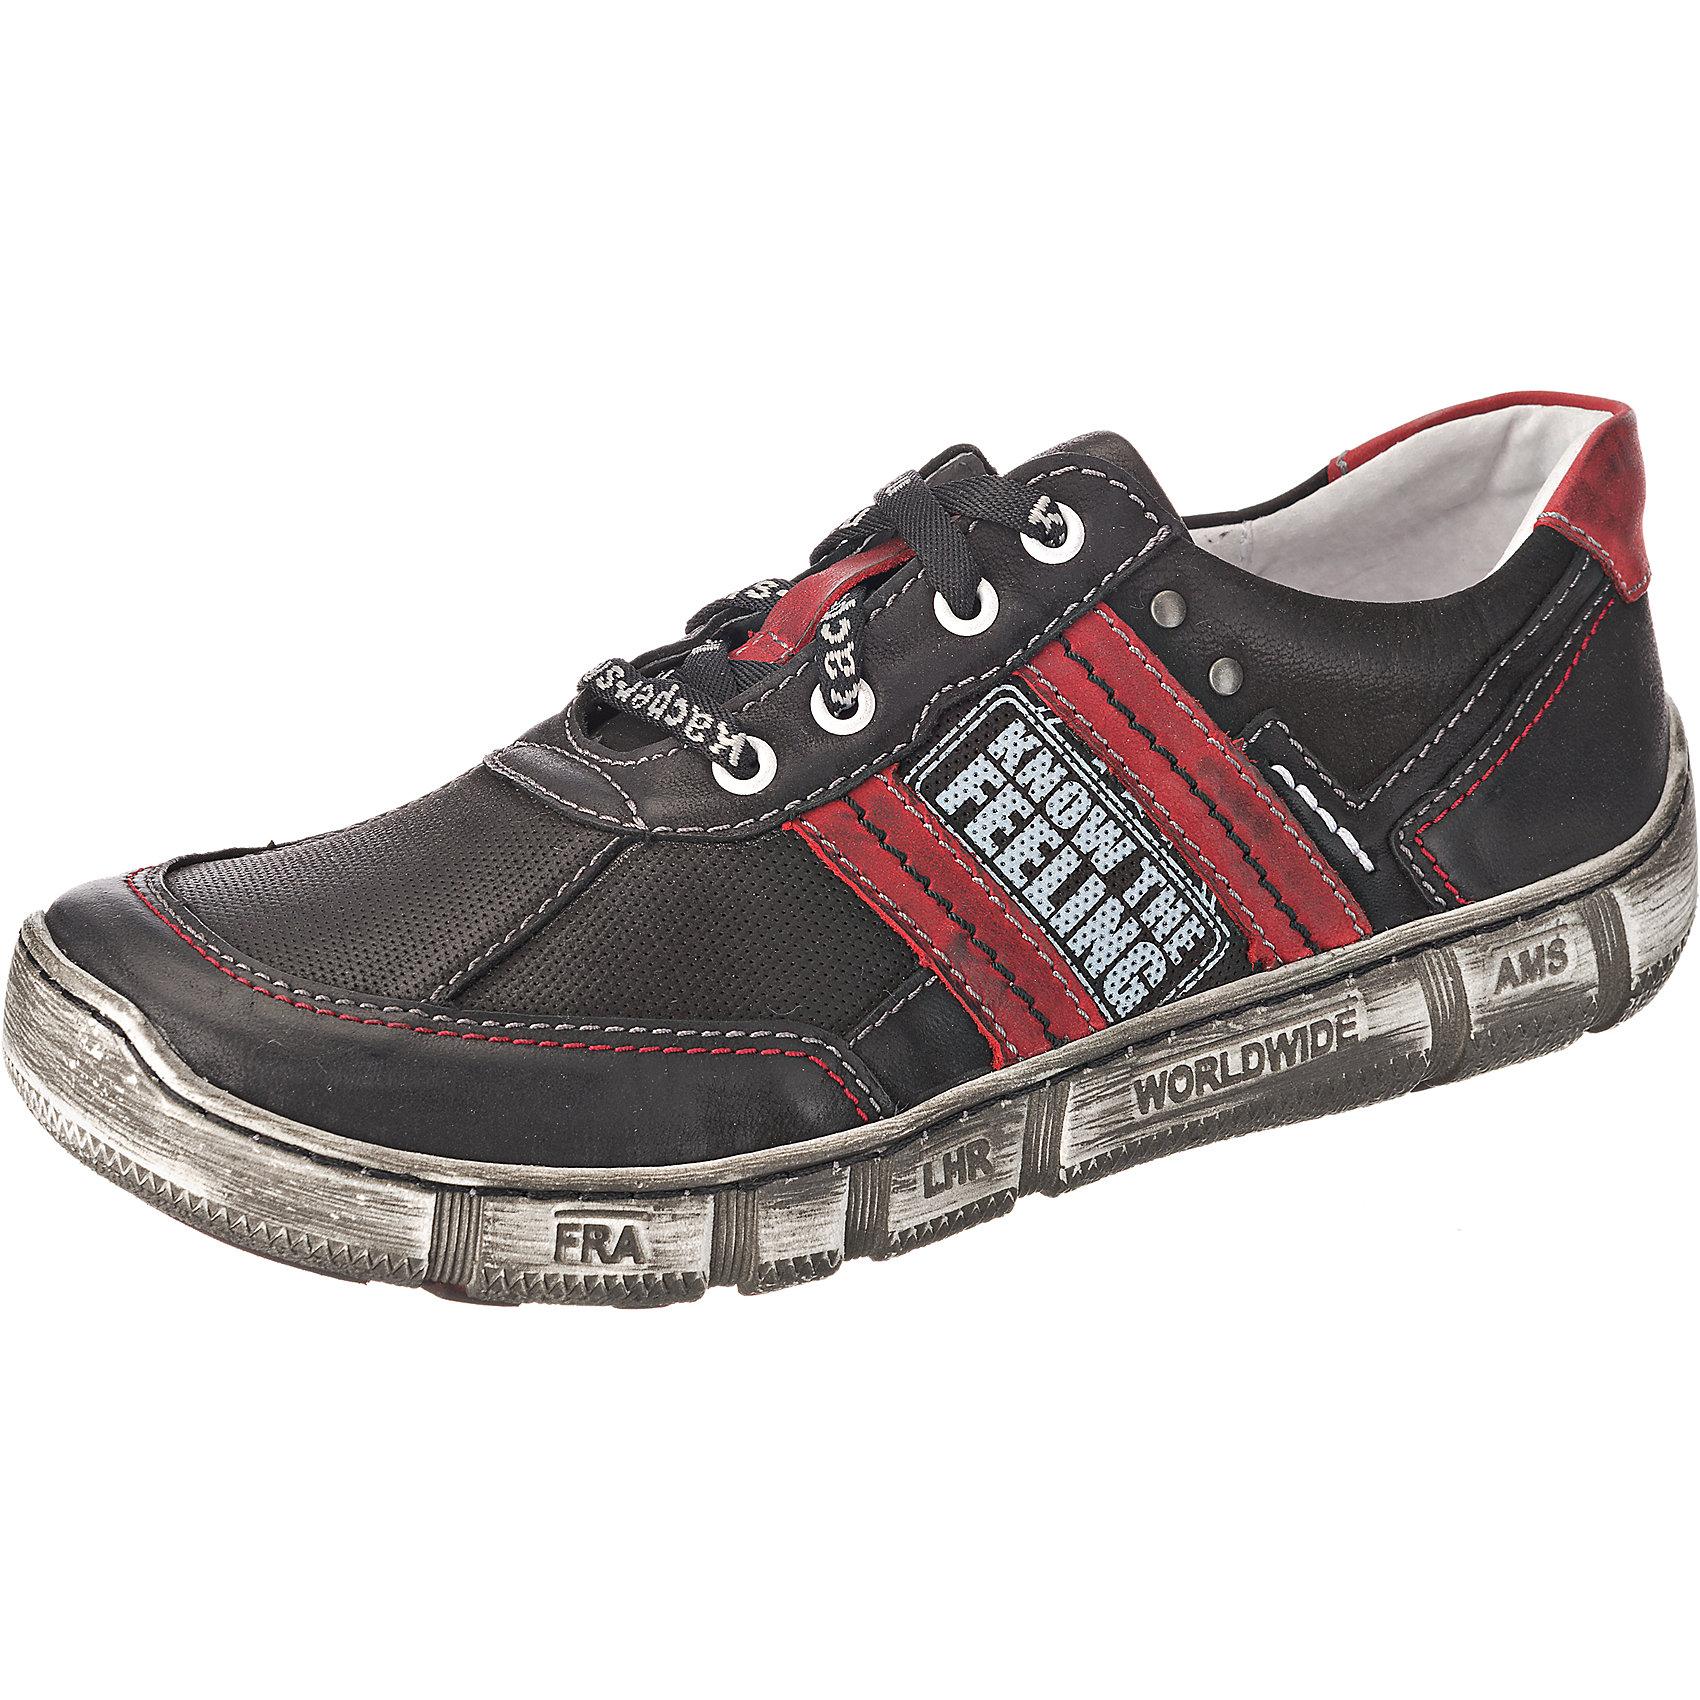 Neu Kacper Schuhe Freizeit Schuhe Kacper 5780085 für Herren schwarz c0ecdd